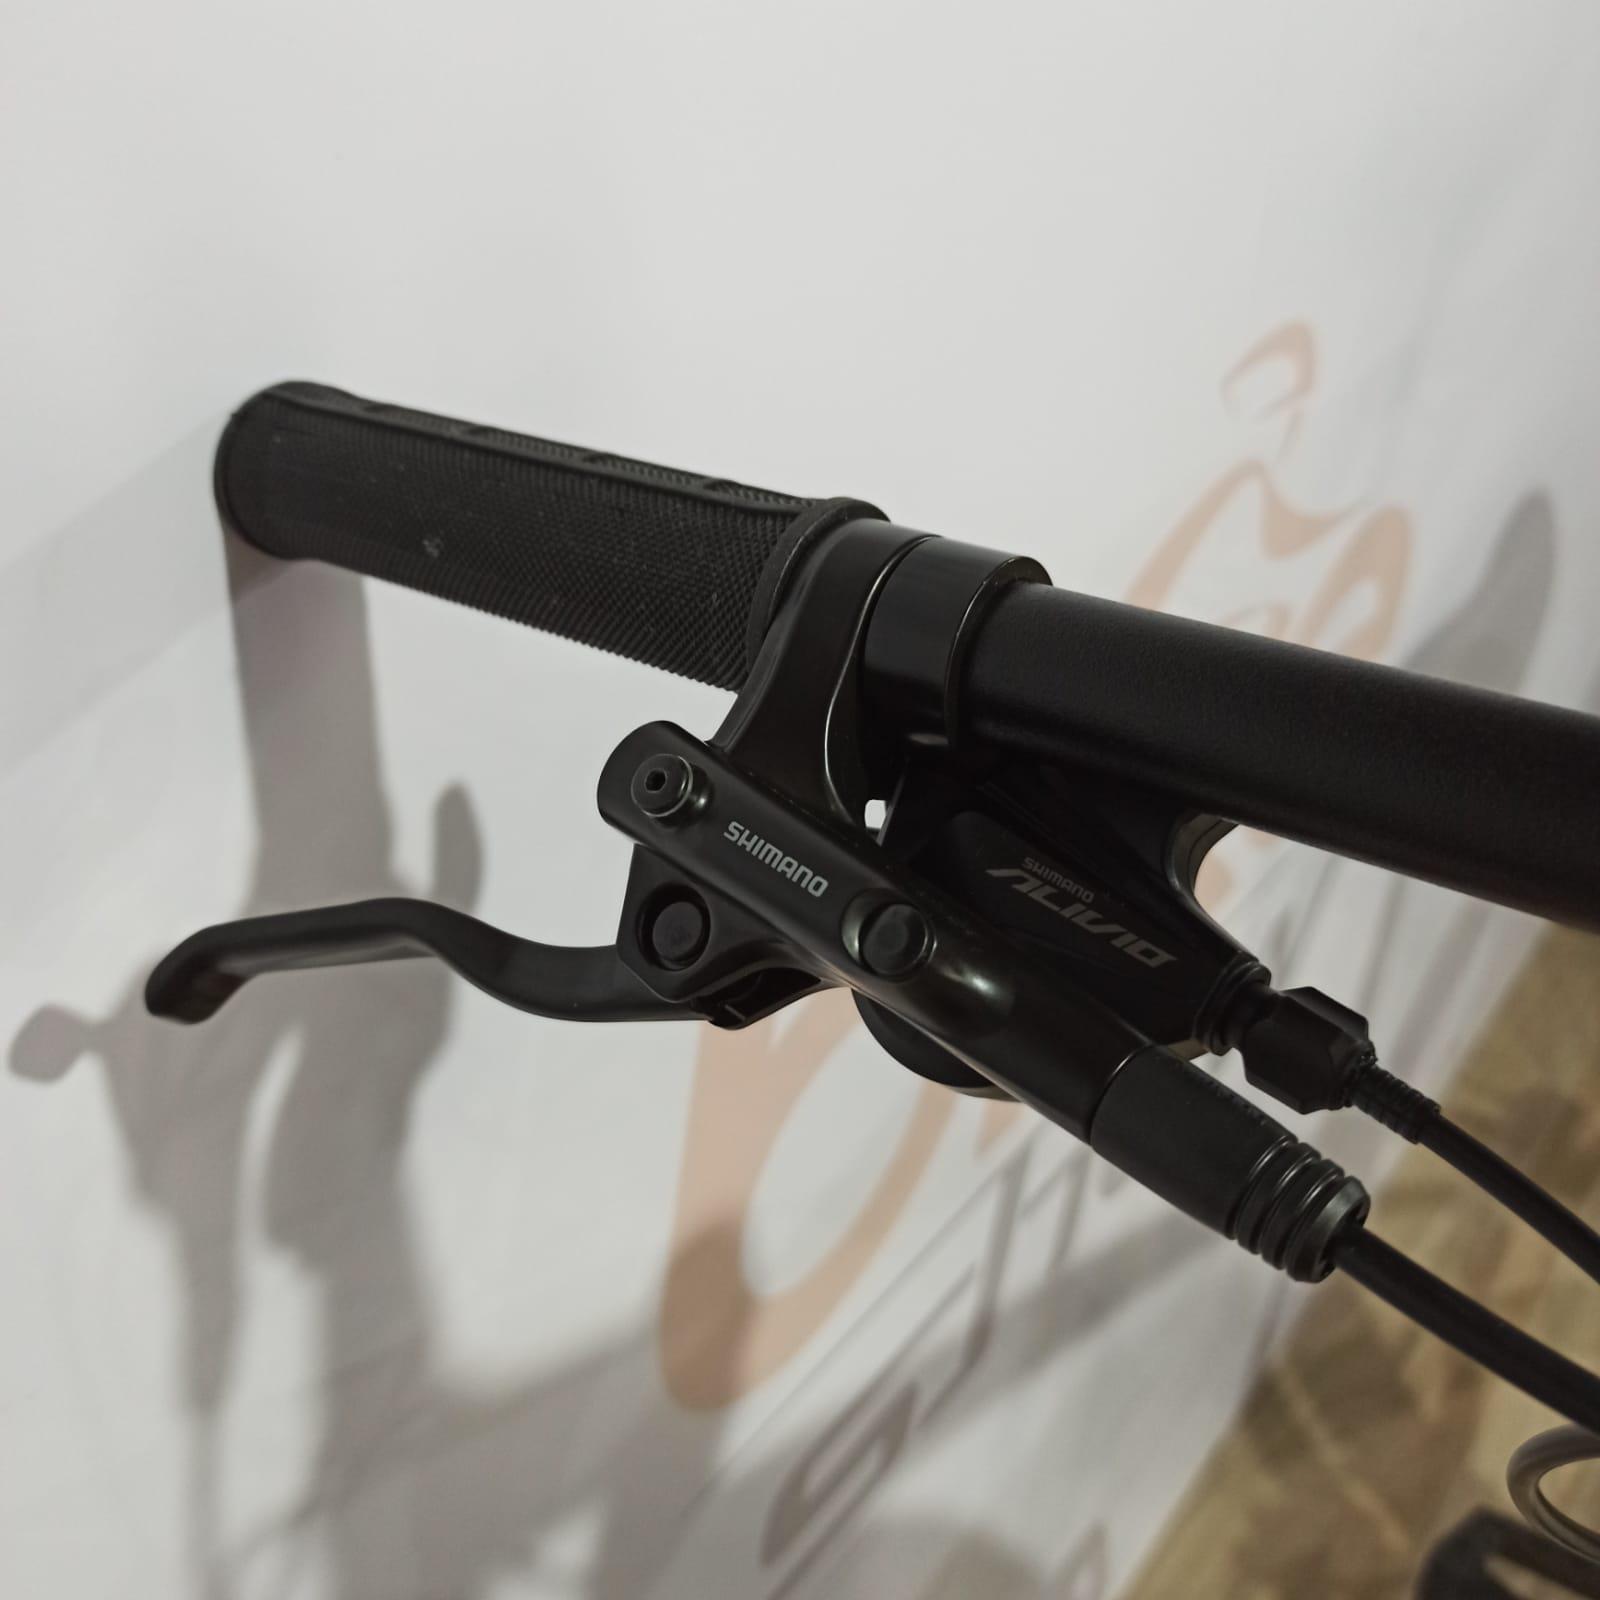 Bicicleta OGGI Big Wheel 7.0 aro 29 2021 - 18V Shimano Alivio - Freio Hidráulico - Preto/Vermelho/Dourado